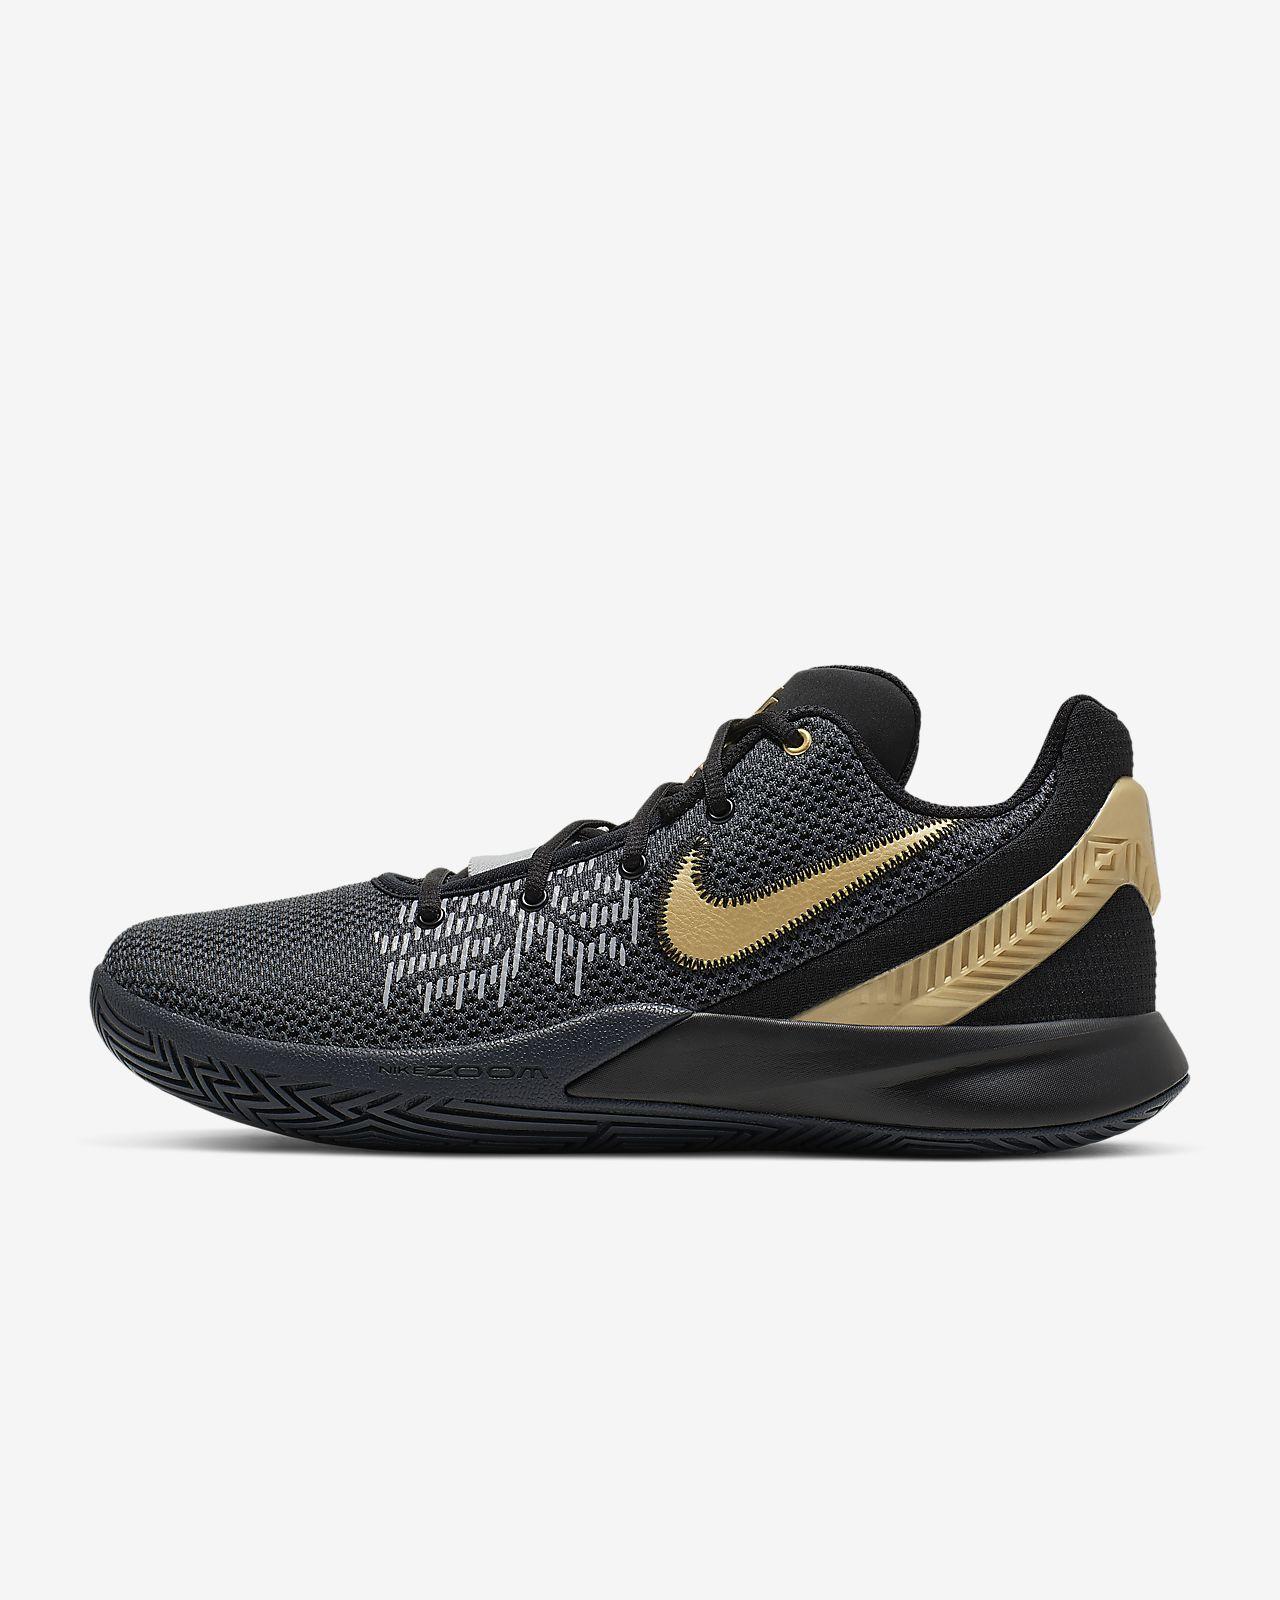 Chaussure de basketball Kyrie Flytrap II